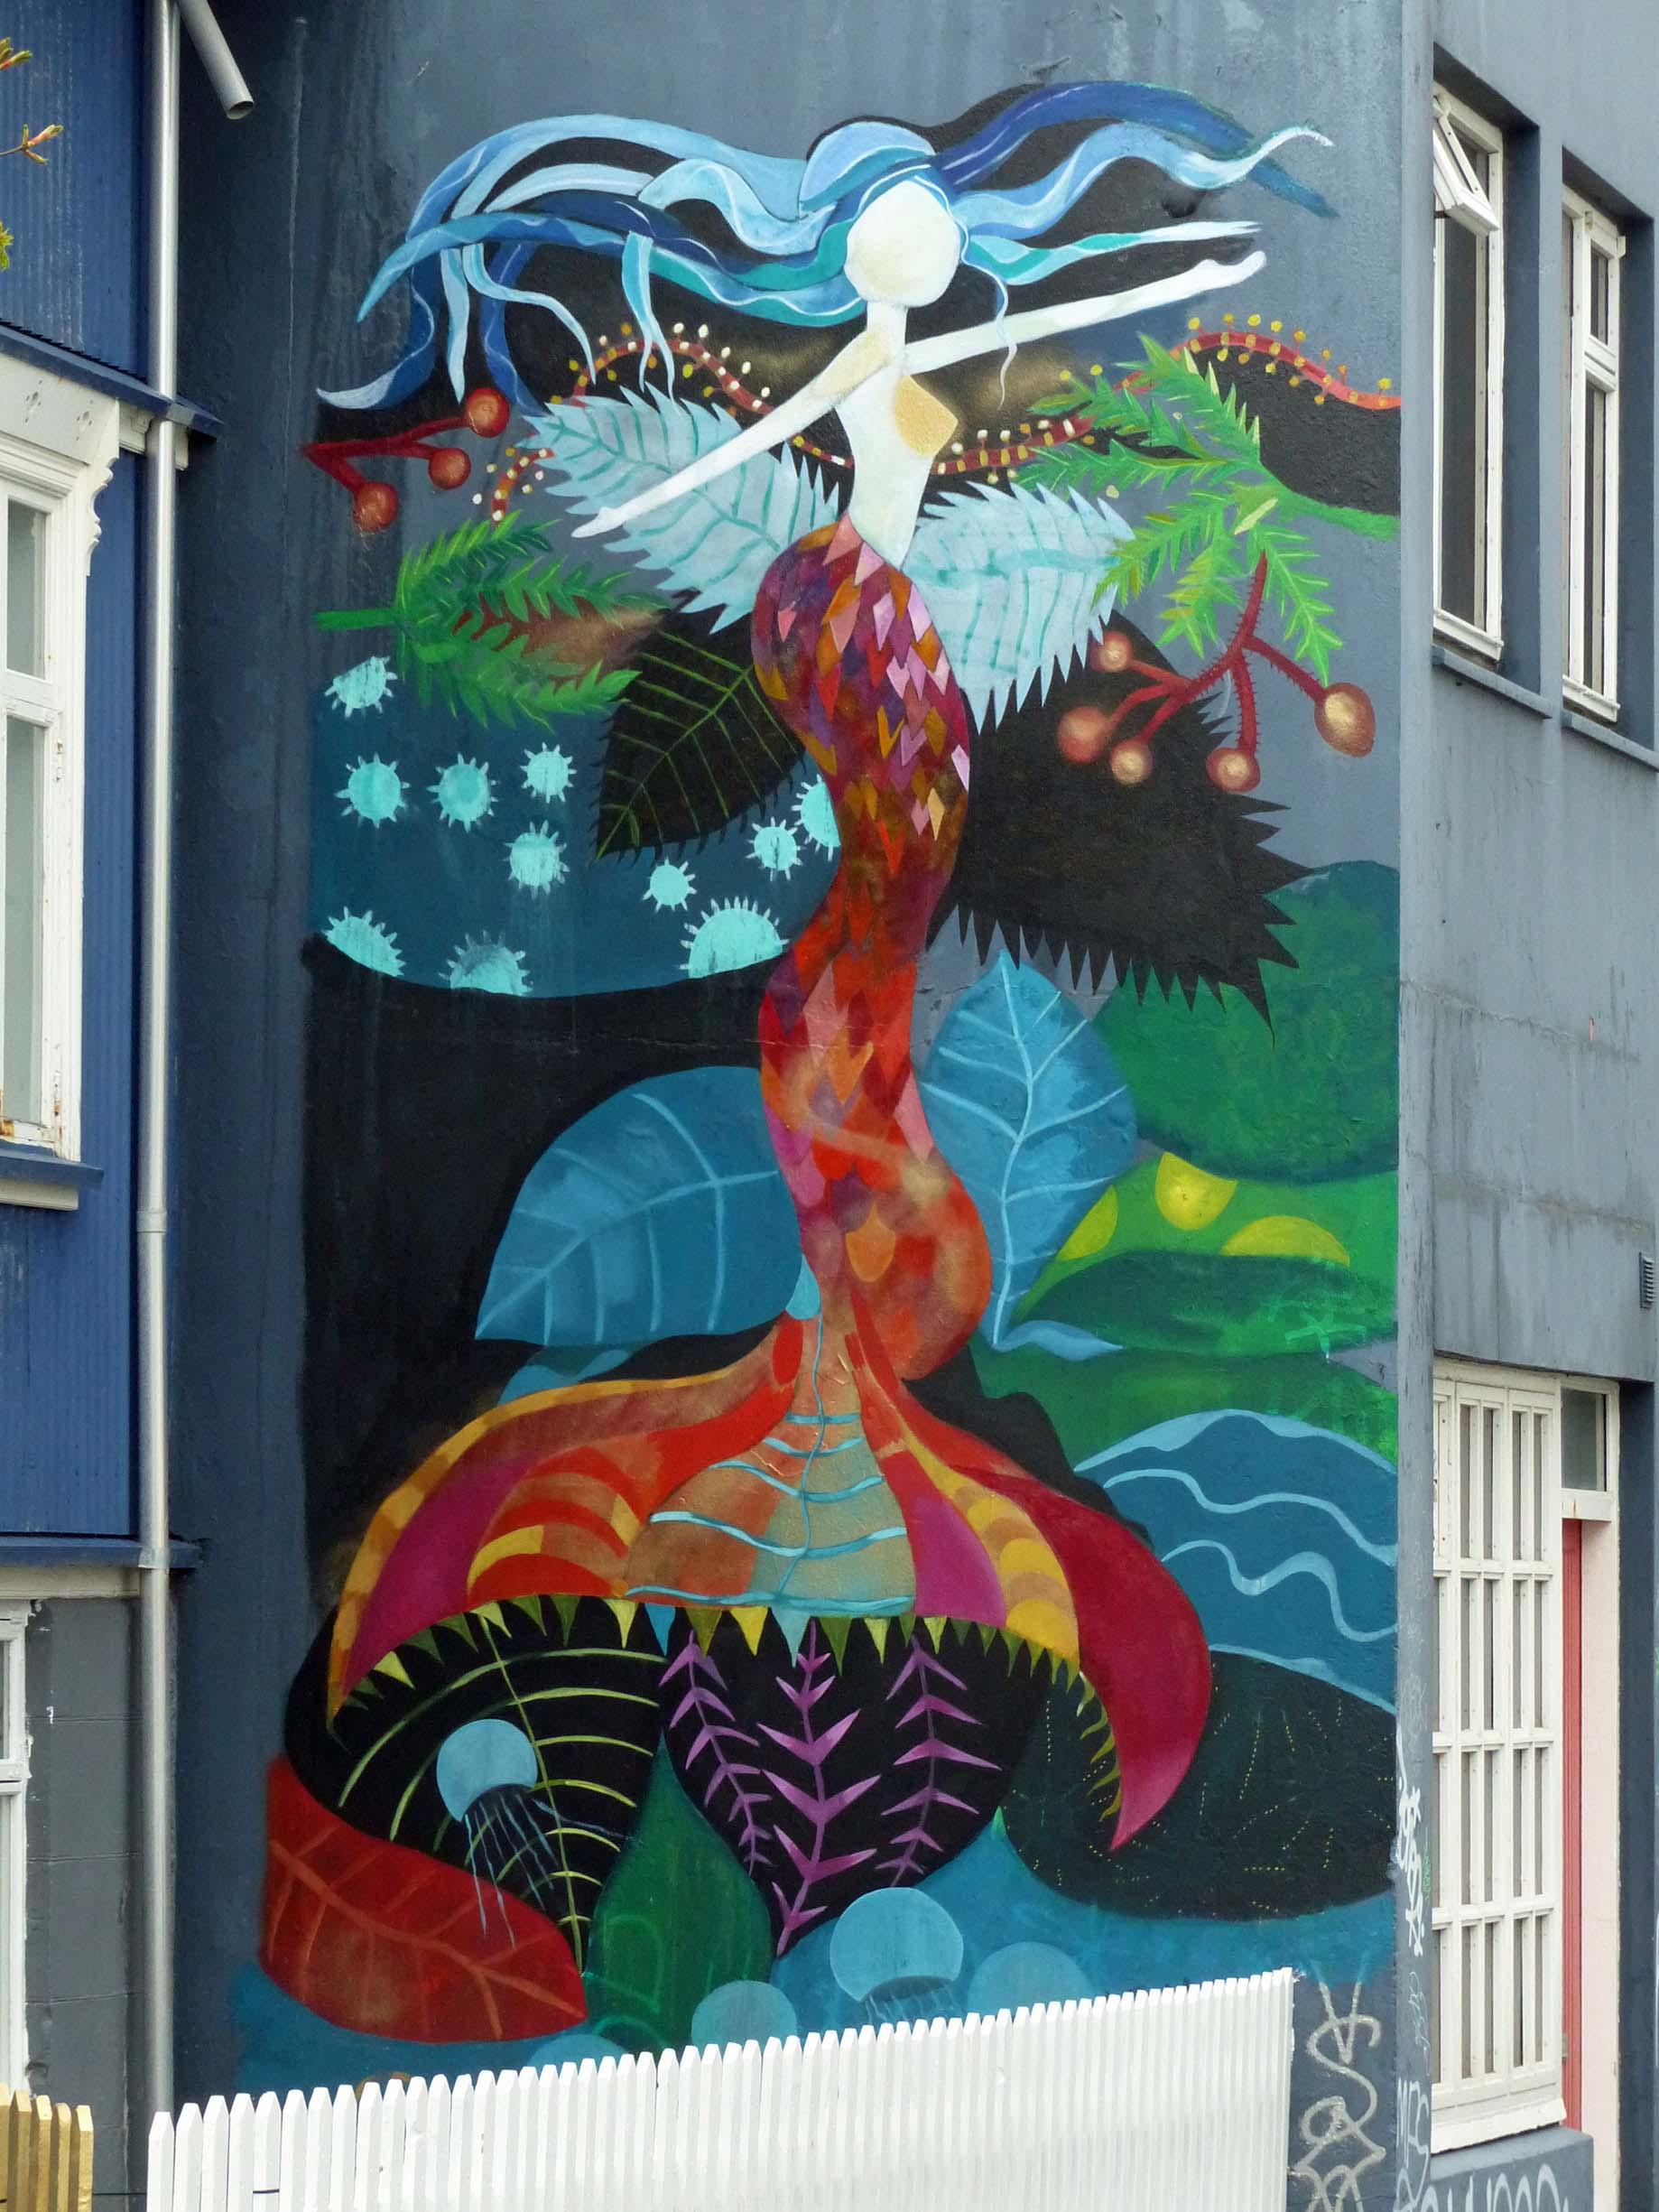 Large mural of a mermaid